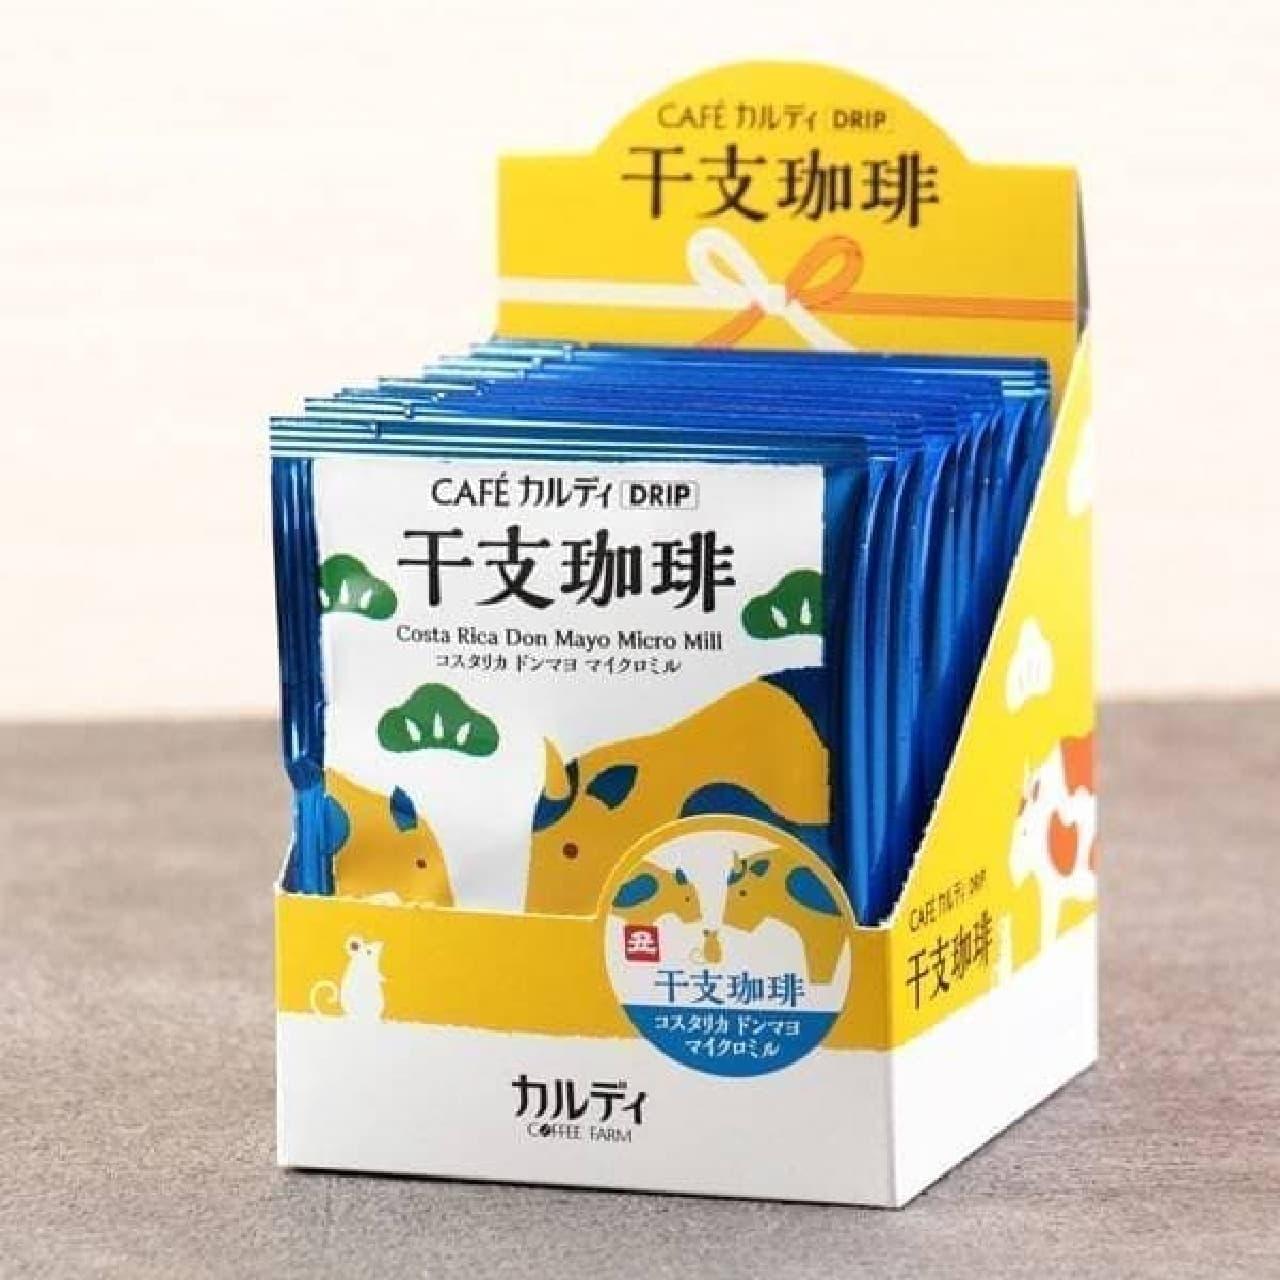 カルディ「カフェカルディドリップ 干支珈琲(丑青)(コスタリカ)10p箱入り」